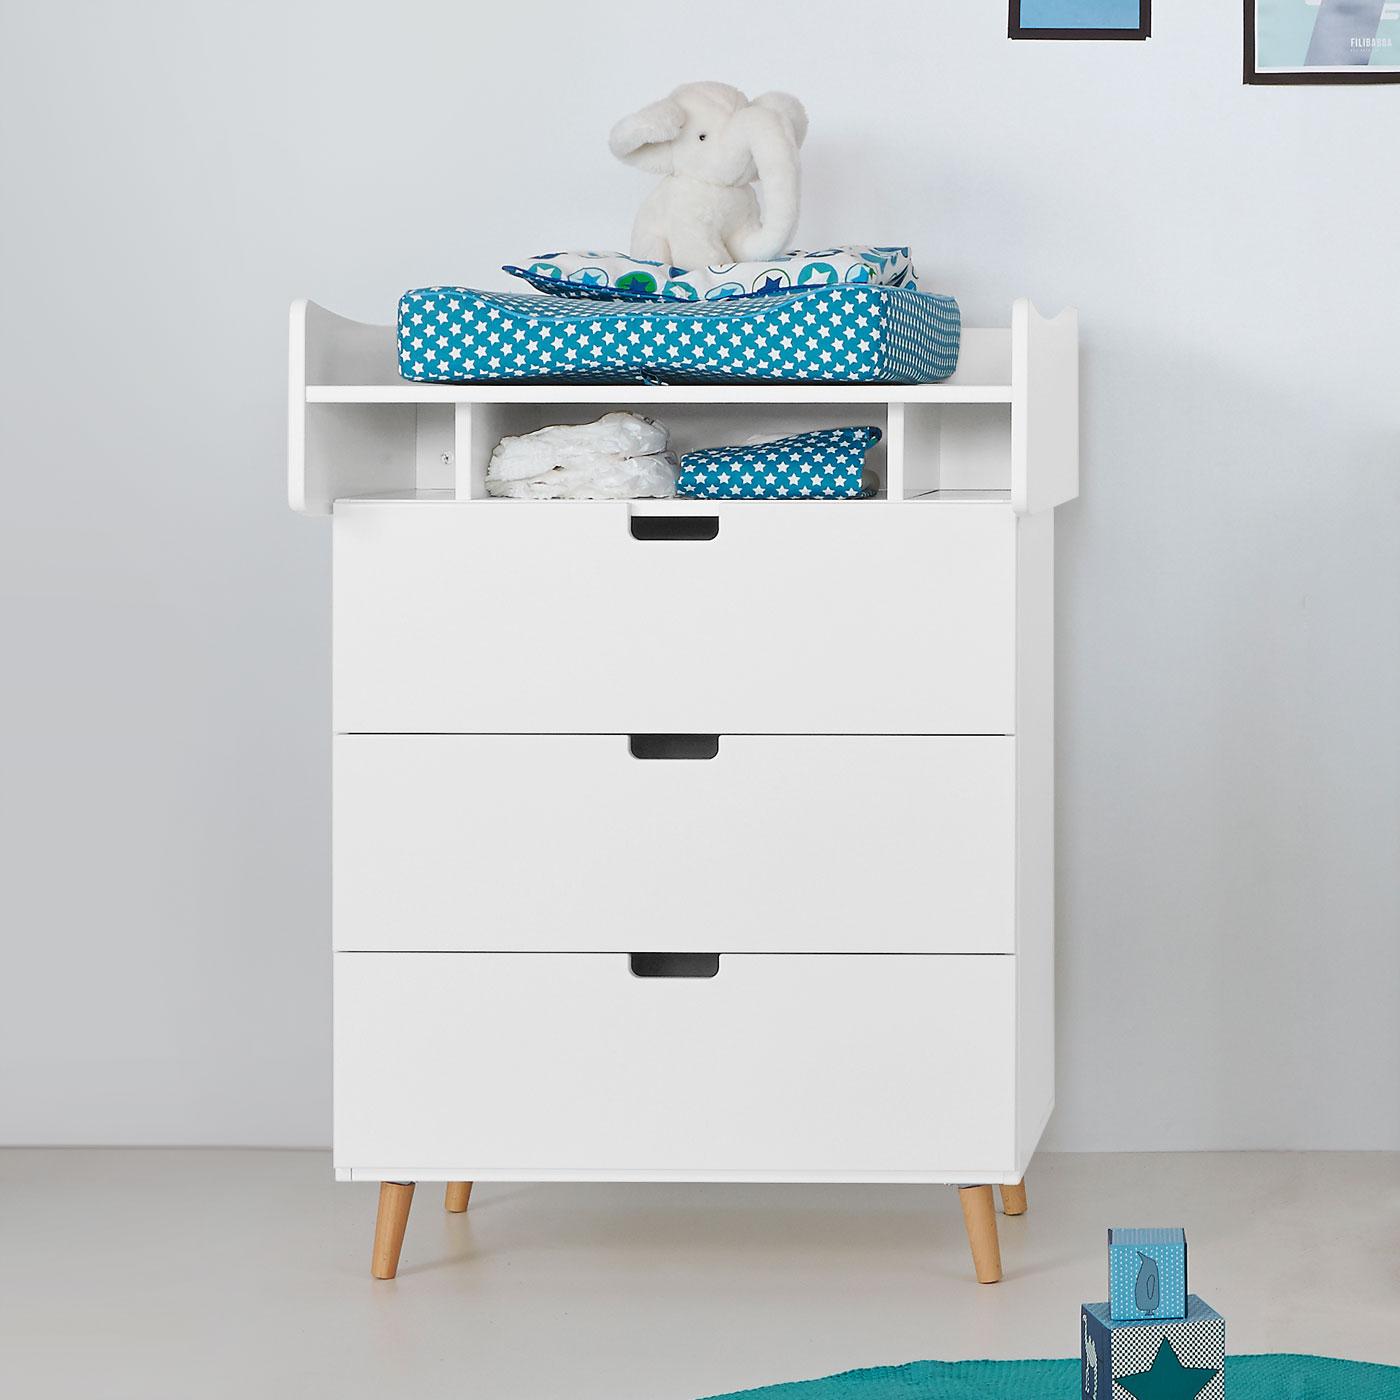 mit aufsatz wei affordable mit aufsatz harry walnusswei dekor homeoffice with mit aufsatz wei. Black Bedroom Furniture Sets. Home Design Ideas